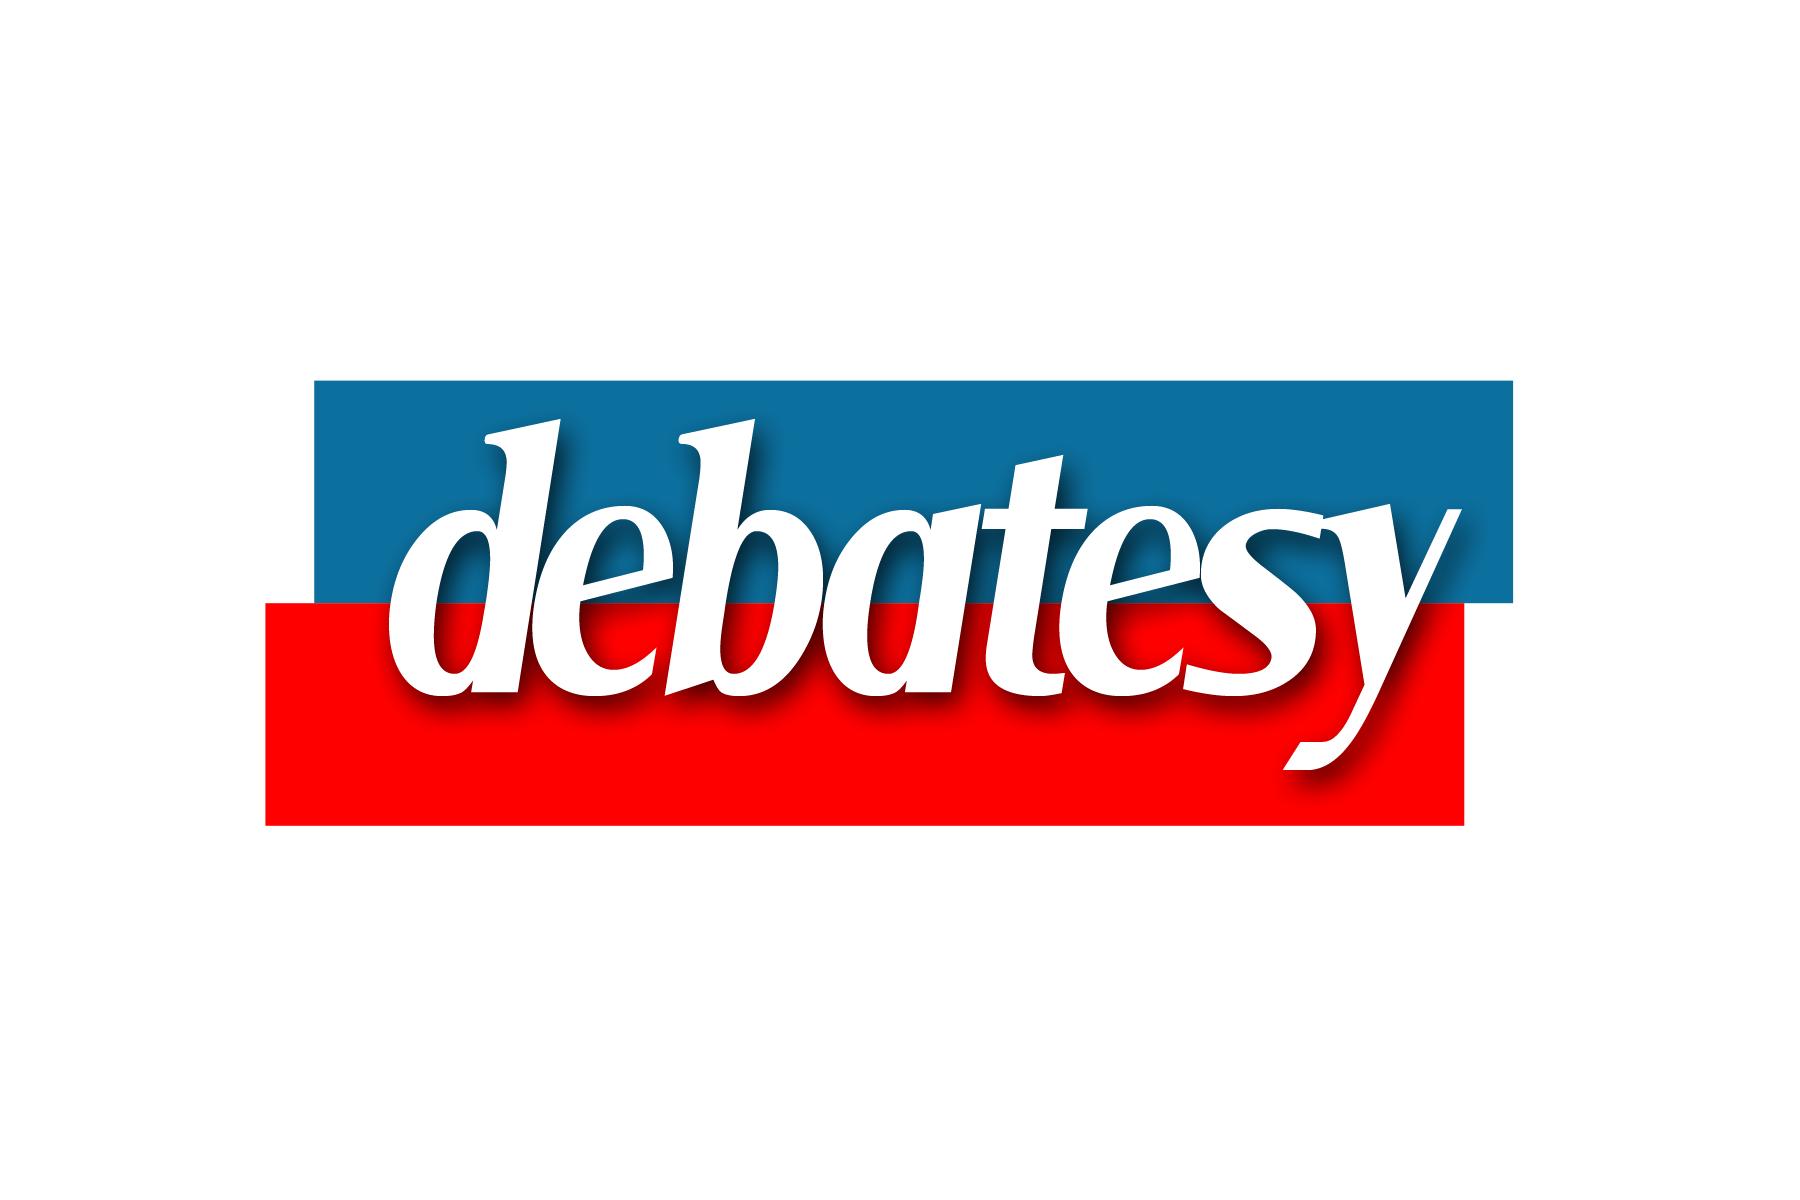 debatesy